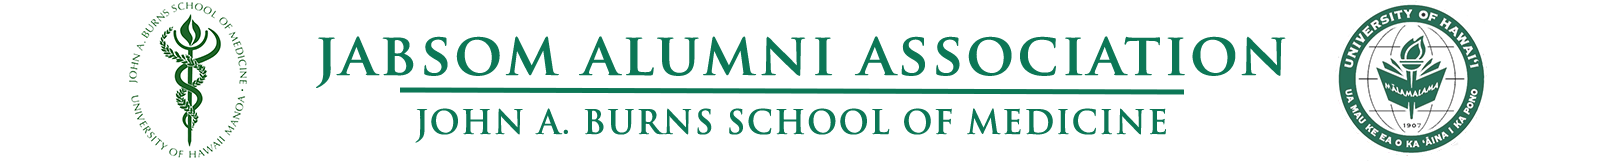 JABSOM Alumni Association